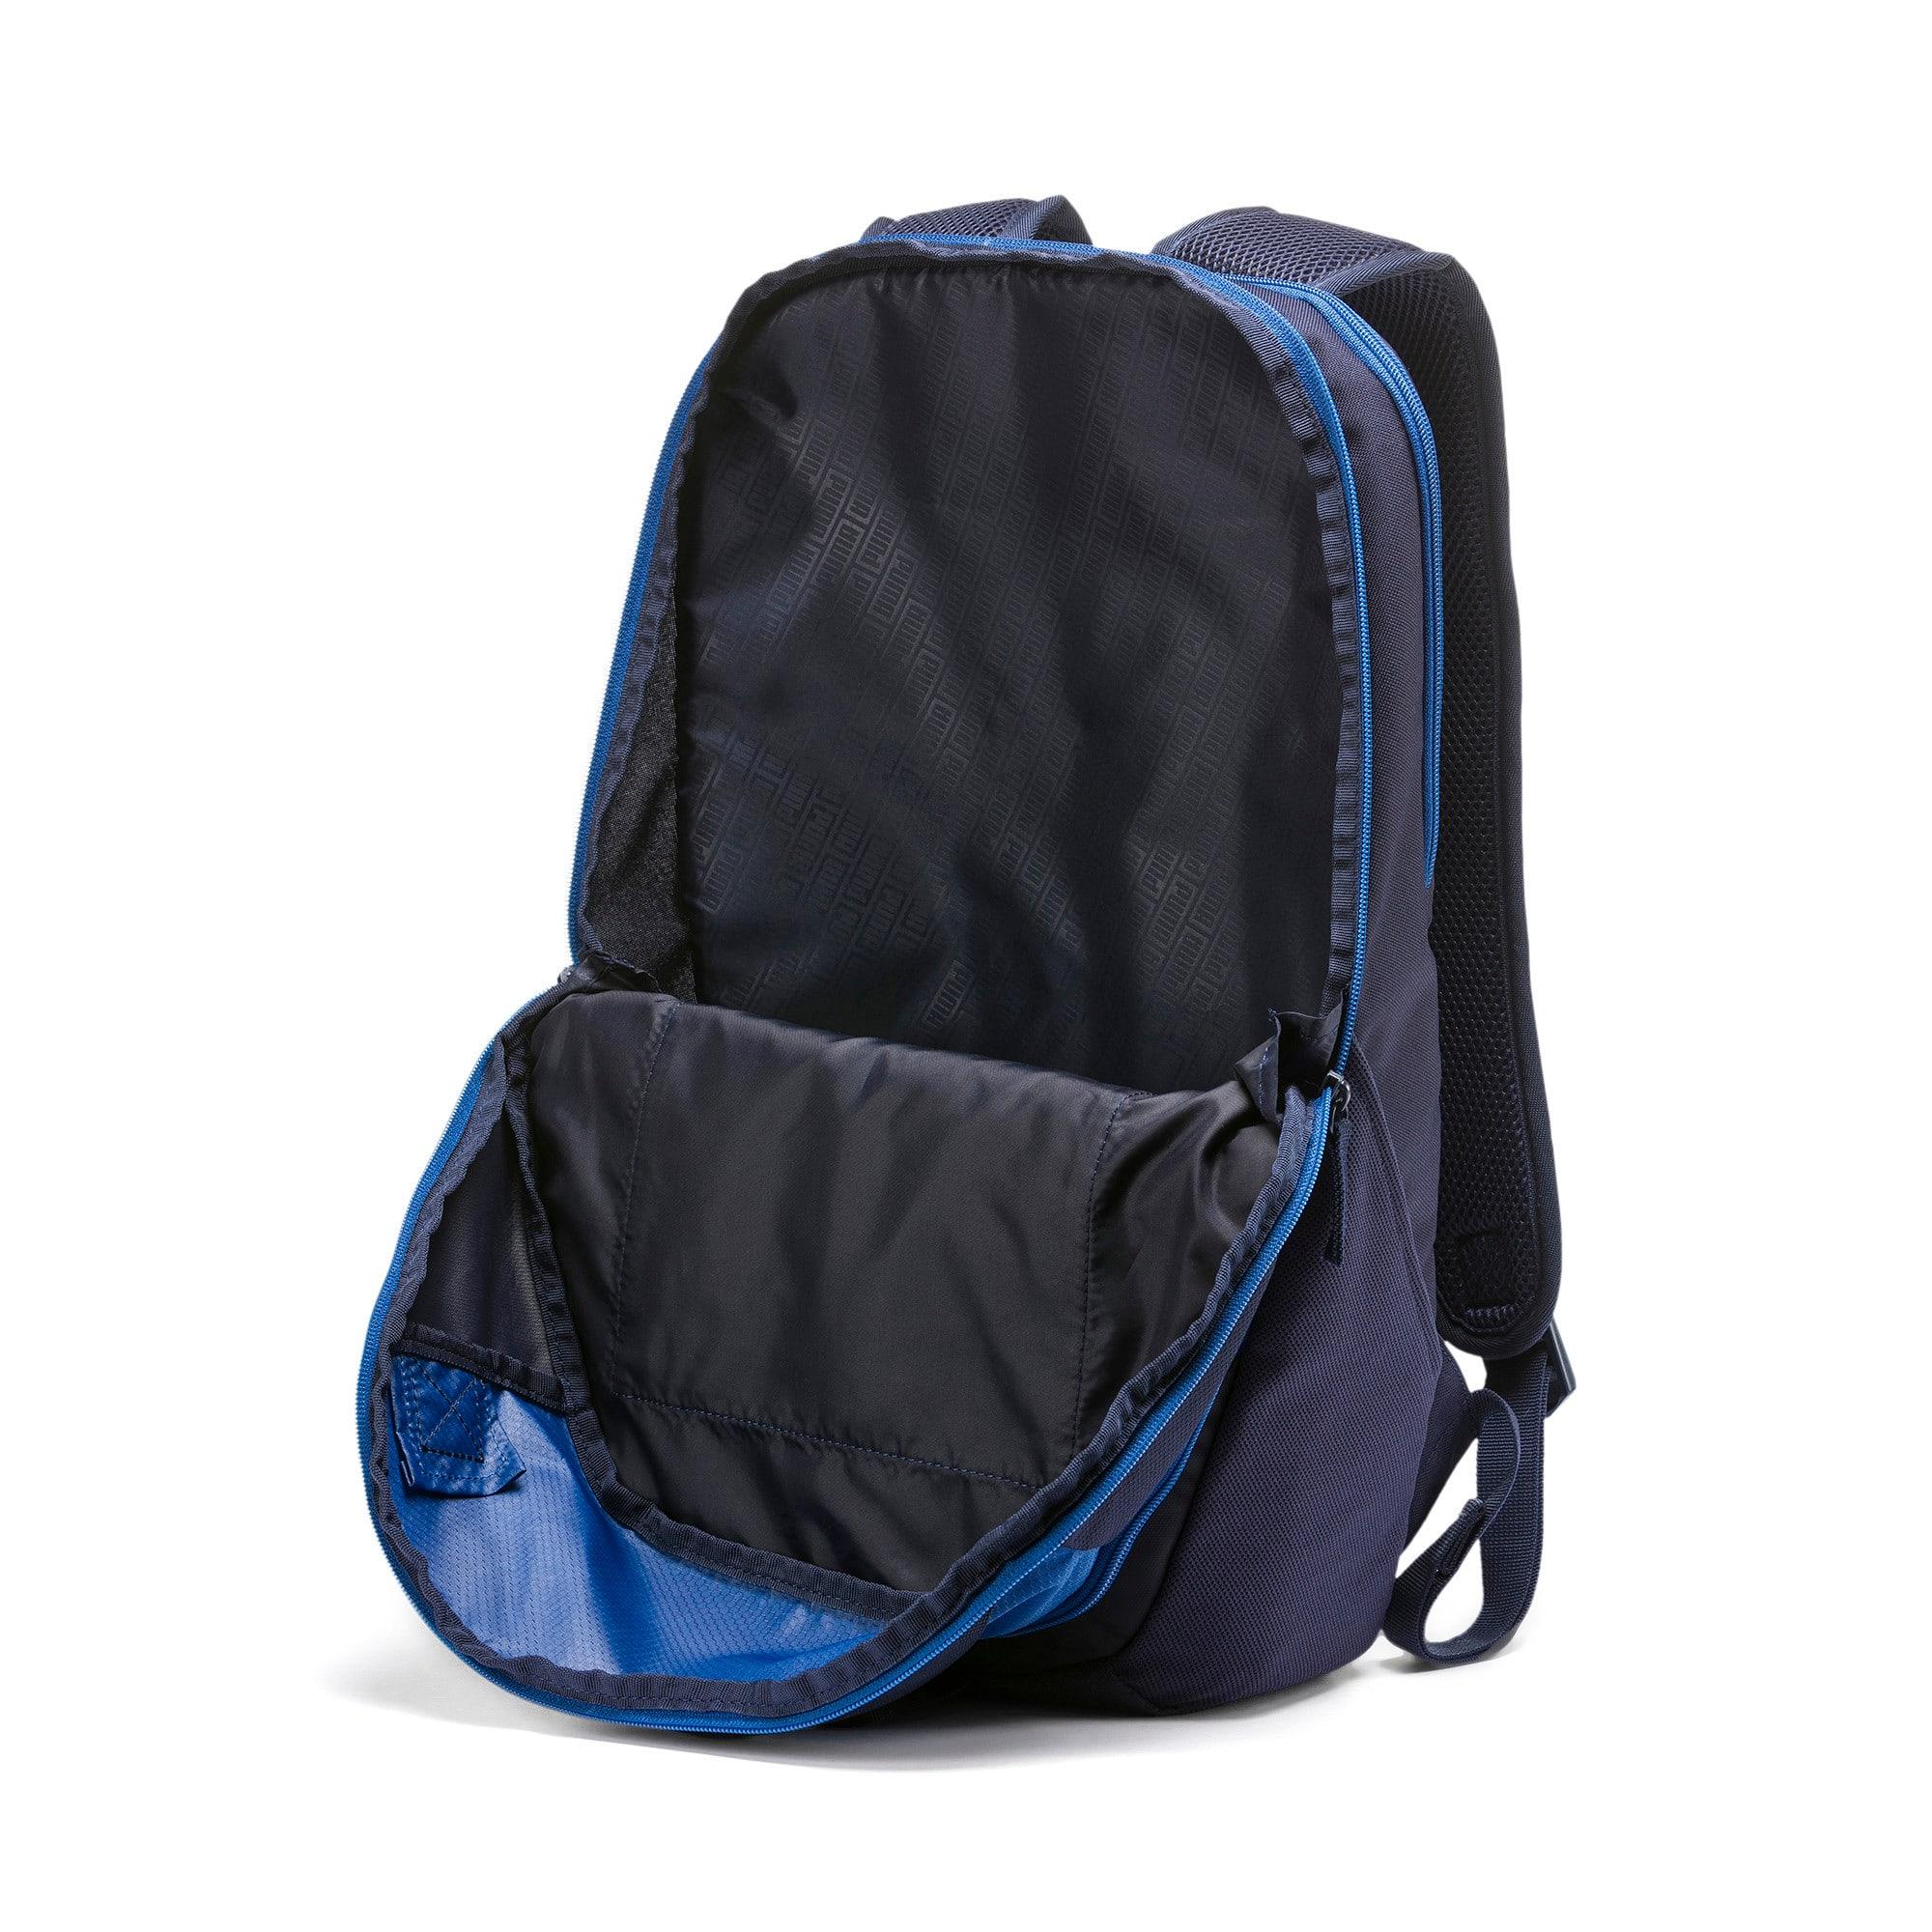 Thumbnail 3 of PUMA X Backpack, Peacoat-Galaxy Blue, medium